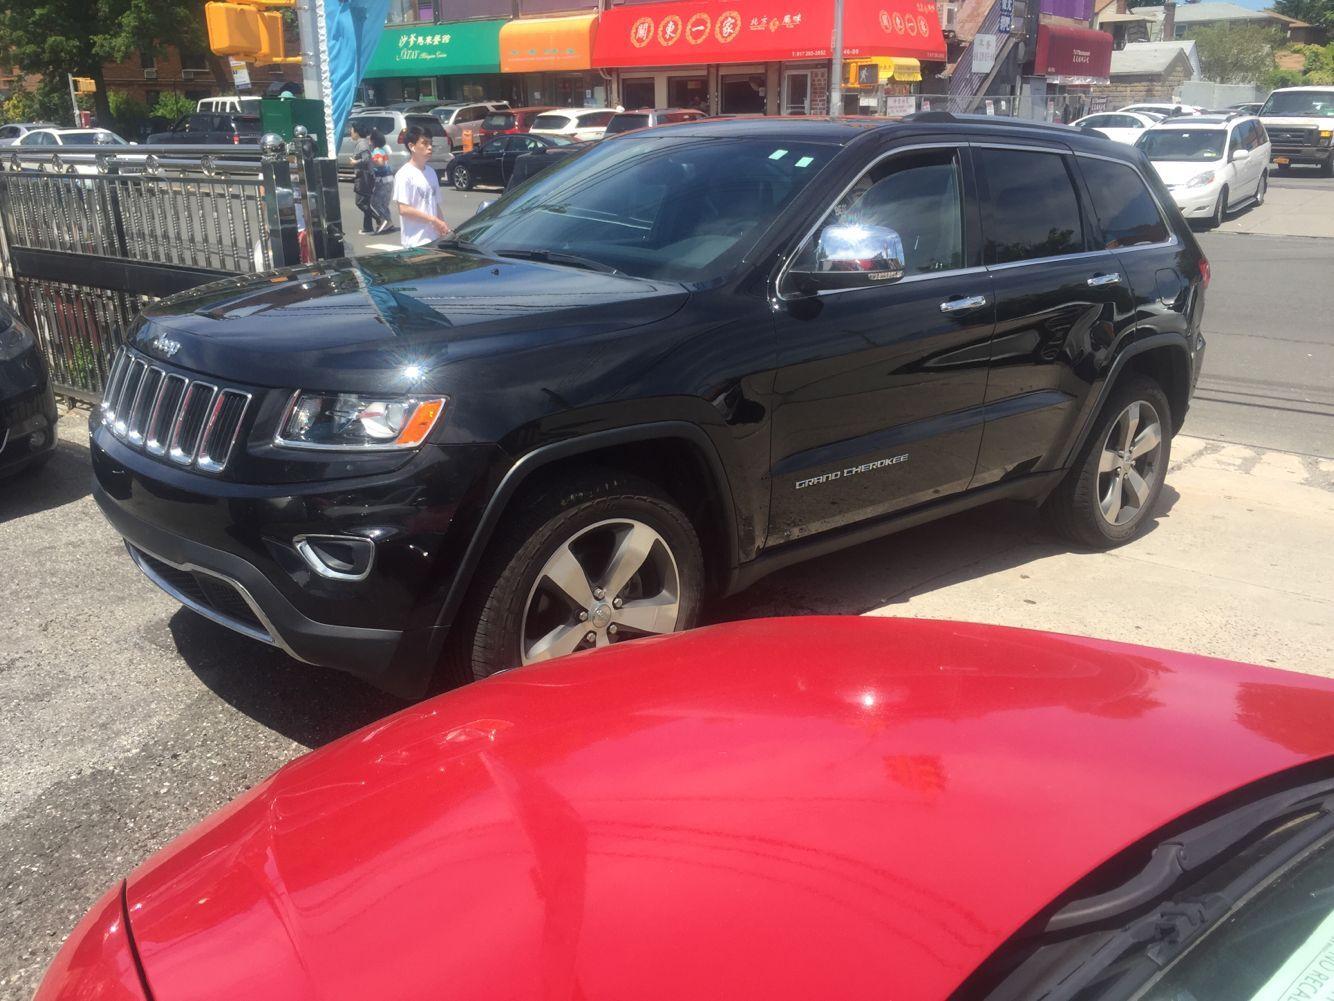 出售2015年 jeep 大切 Grand Cherokee LIMITED 里程35000miles 同城,唐人街,都市圈,海外华人,出售 第8张图片